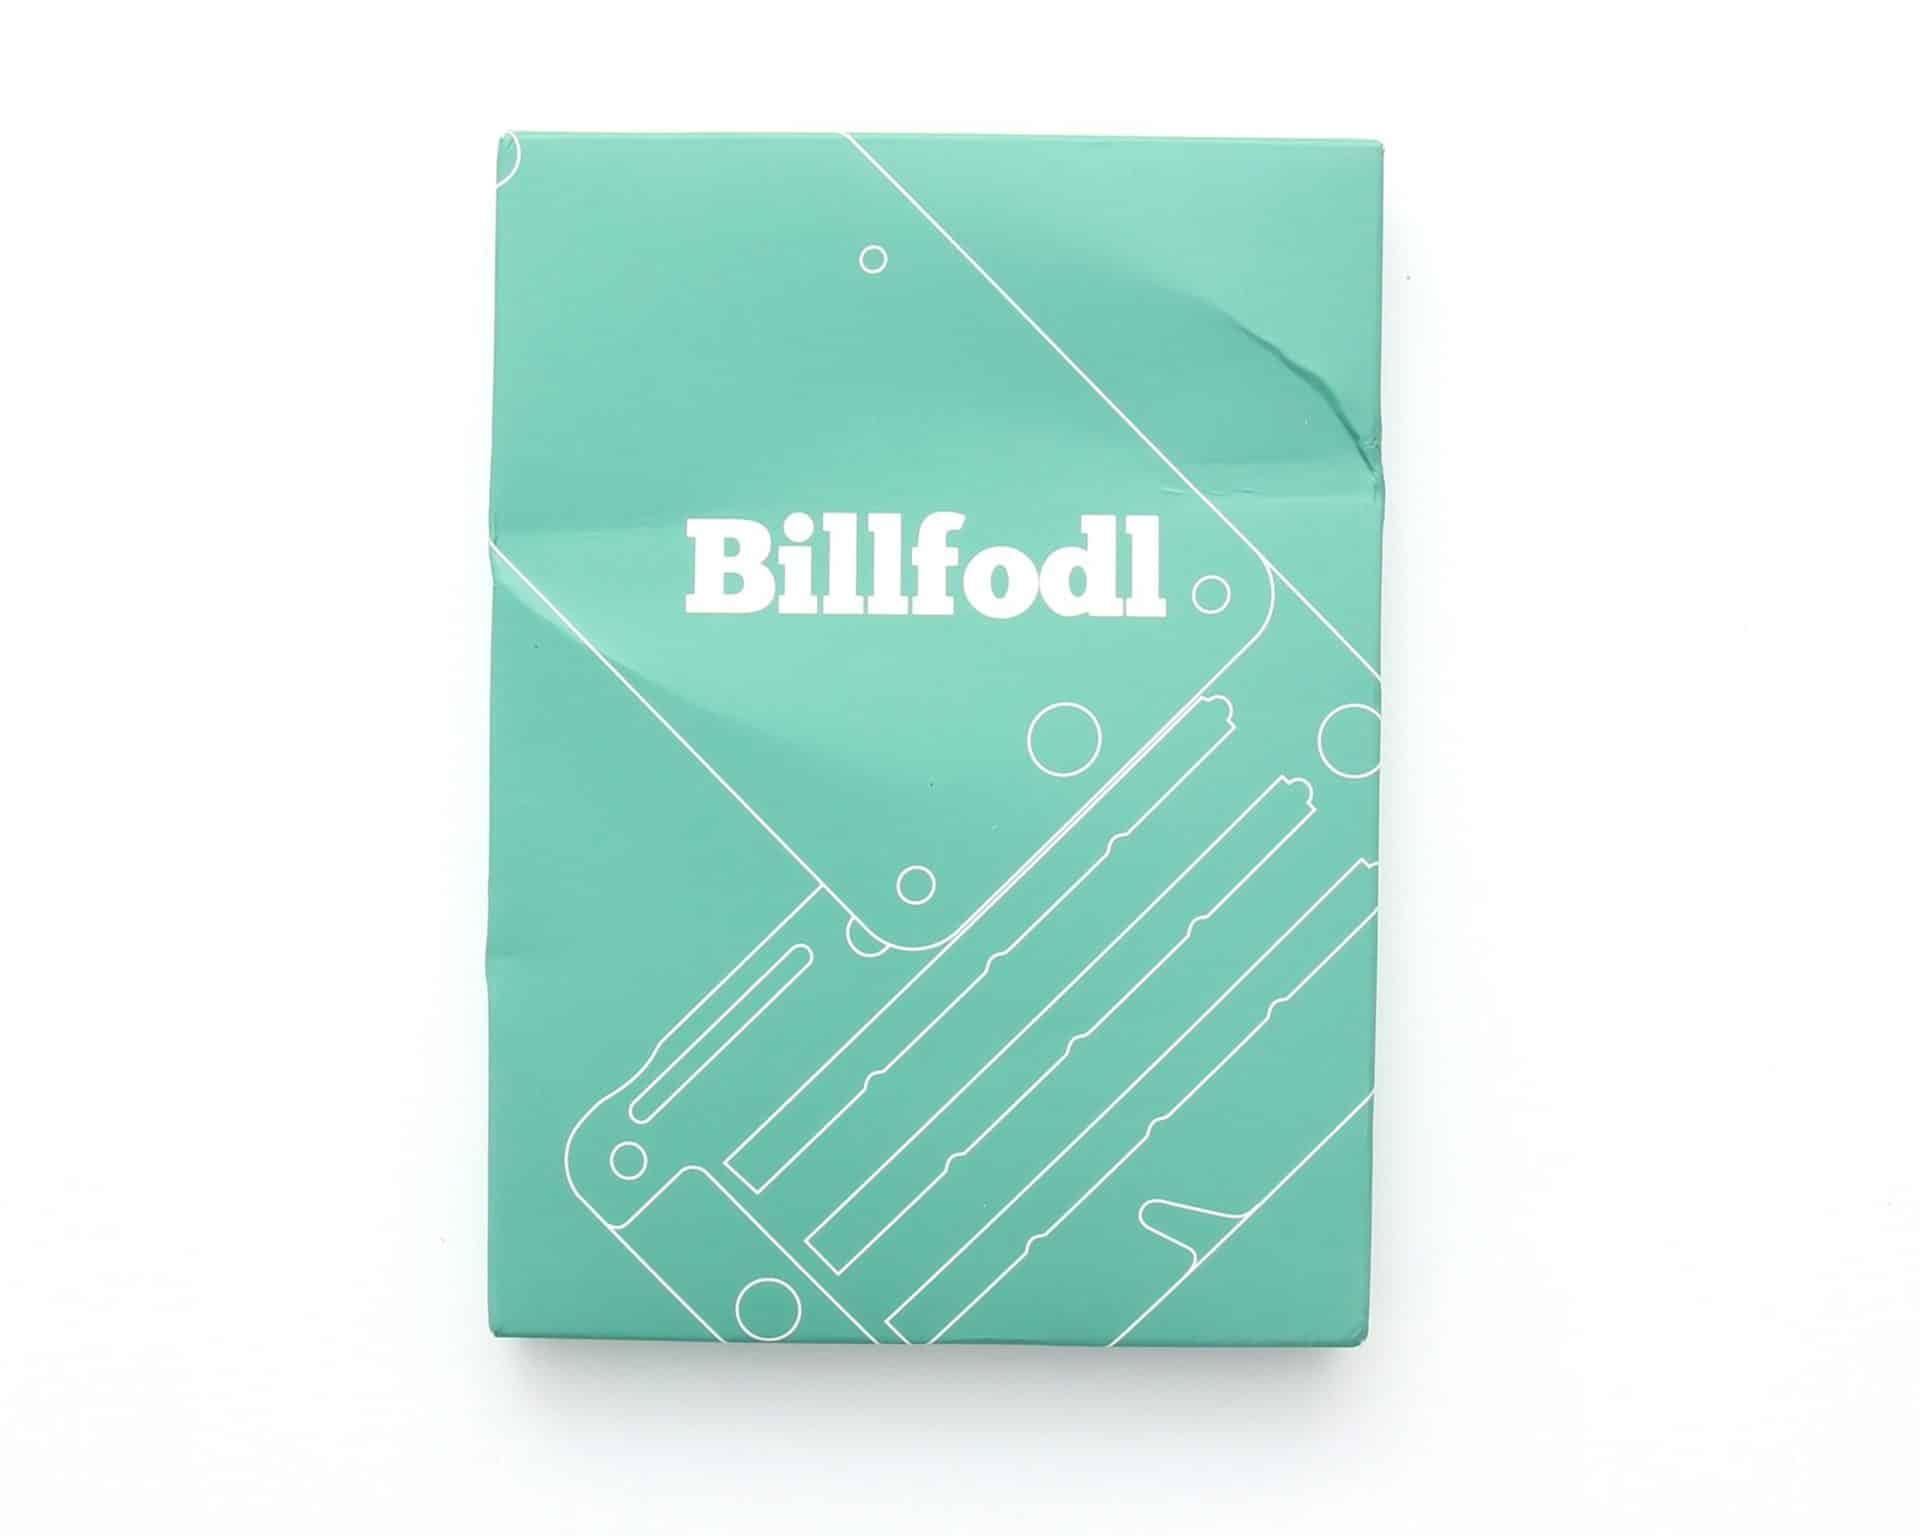 Billfodl-ambalaj-partea din față